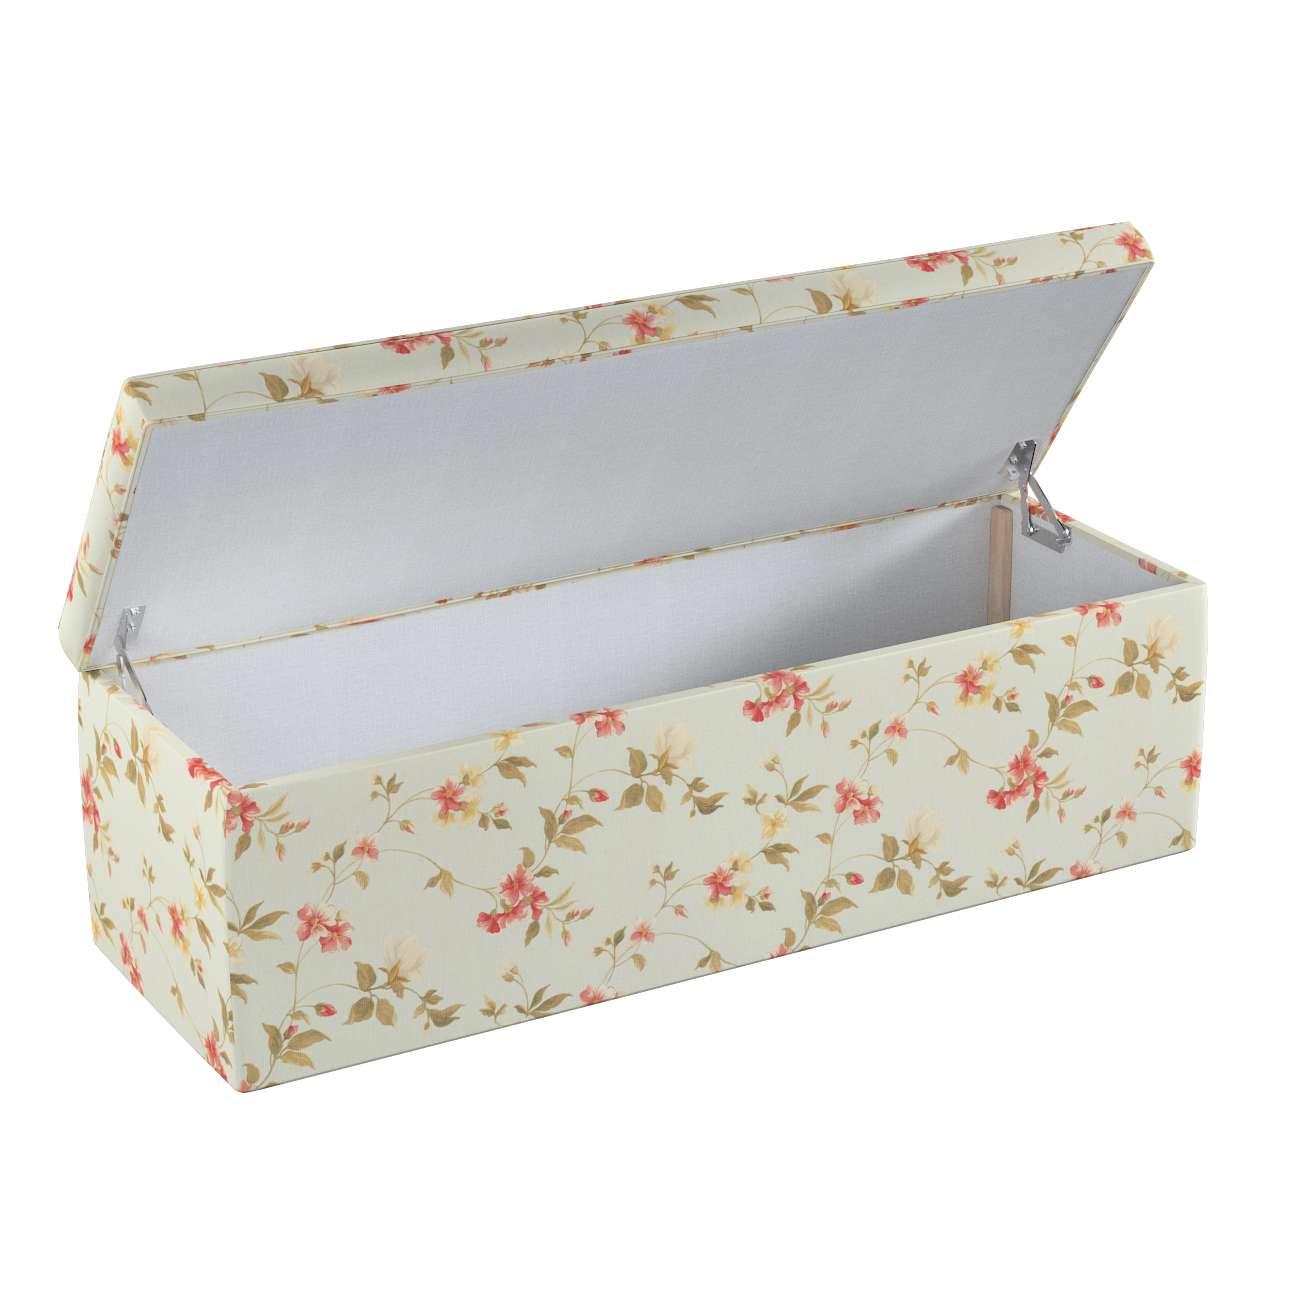 Čalouněná skříň s volbou látky - 2 velikosti v kolekci Londres, látka: 124-65